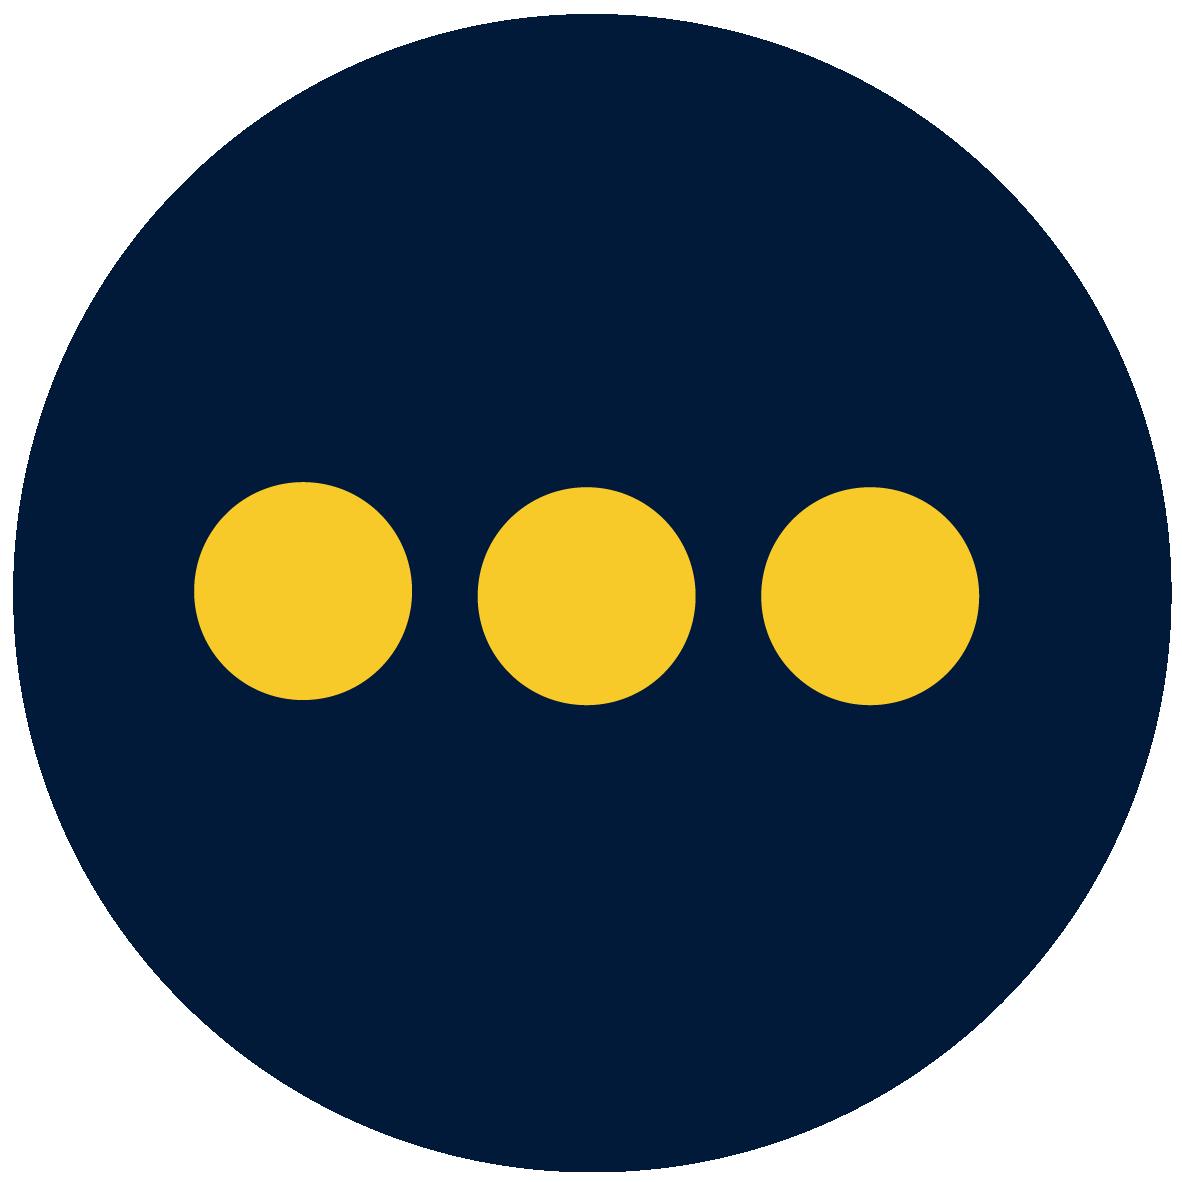 three dots icon